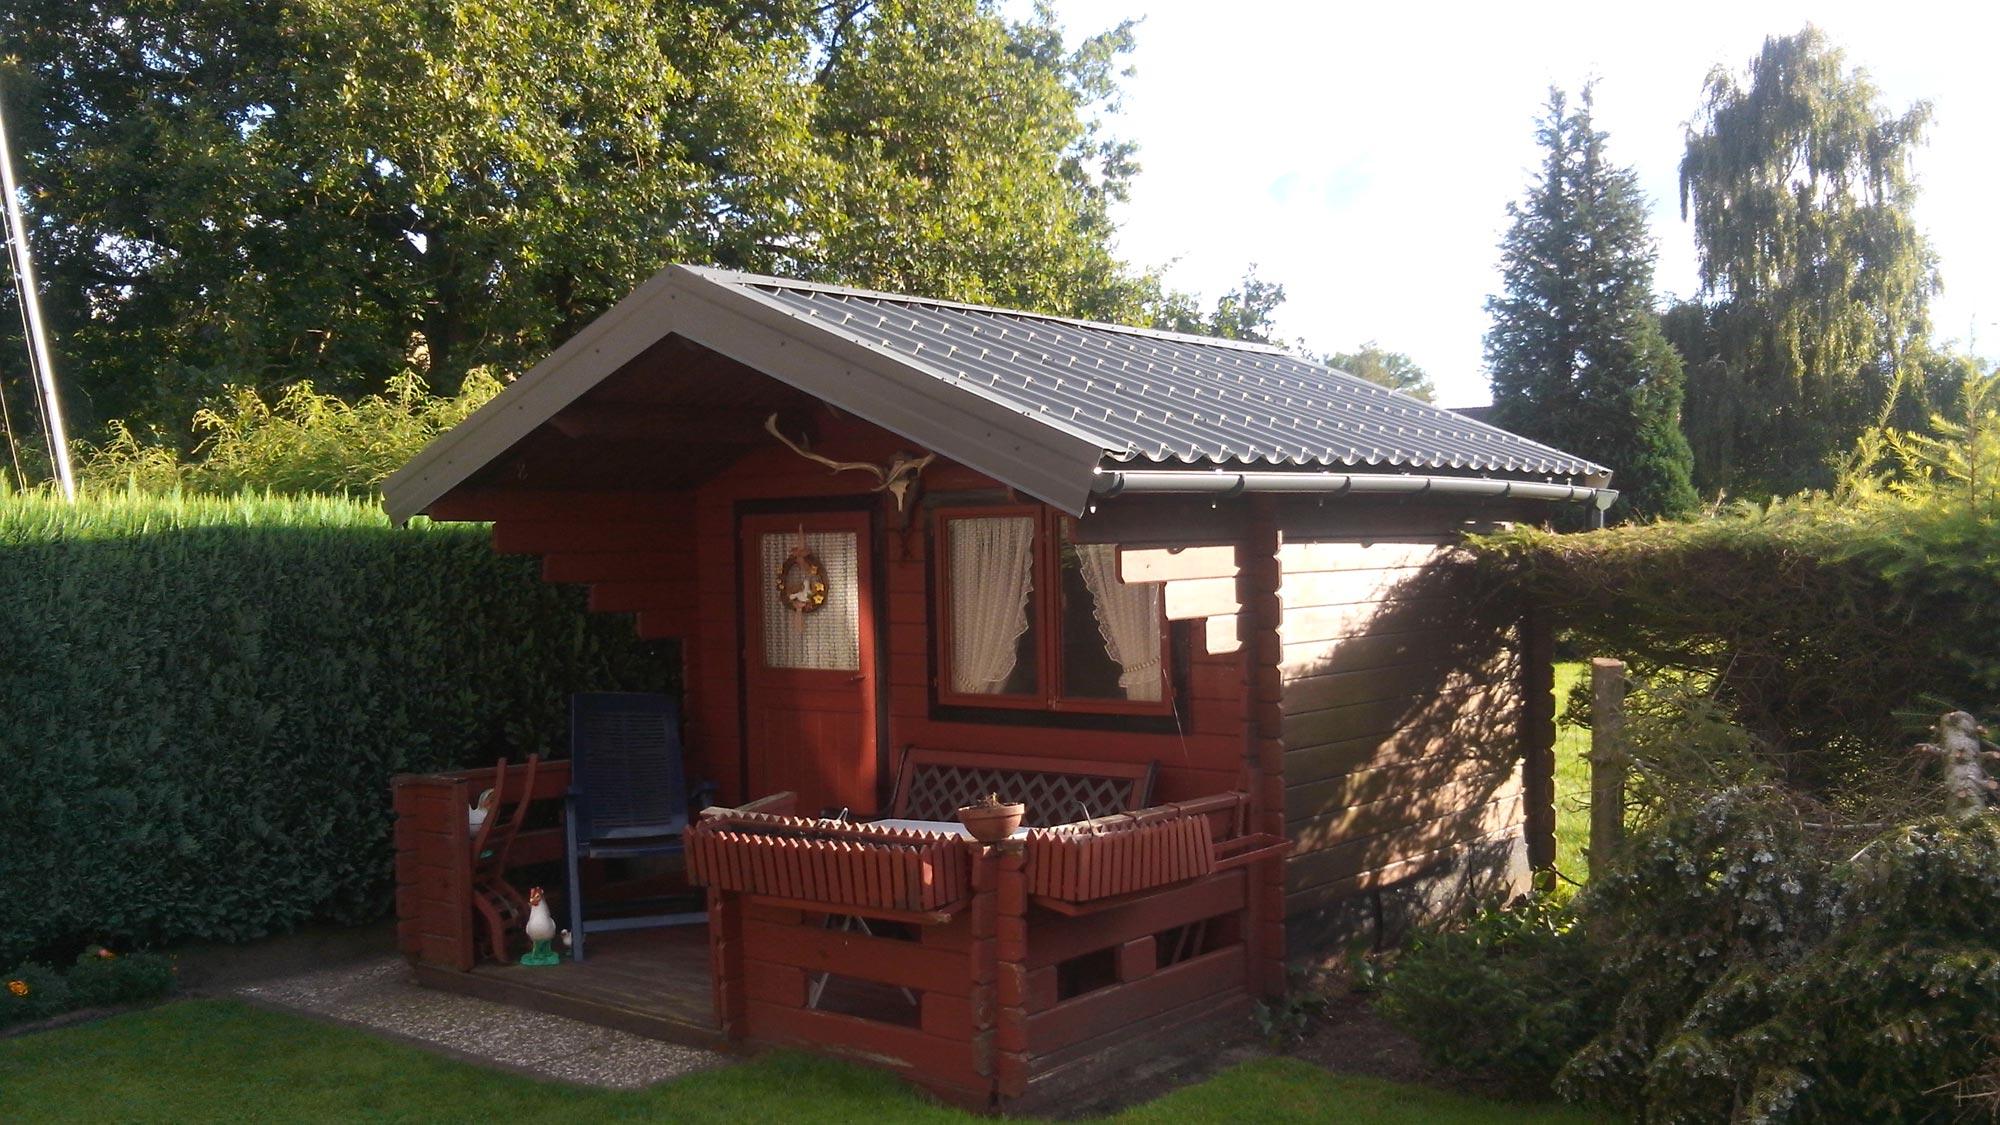 Fabulous Trapezblech Gonschior. Fabulous Holz Blech Gartenhaus Montana Xcm AG85